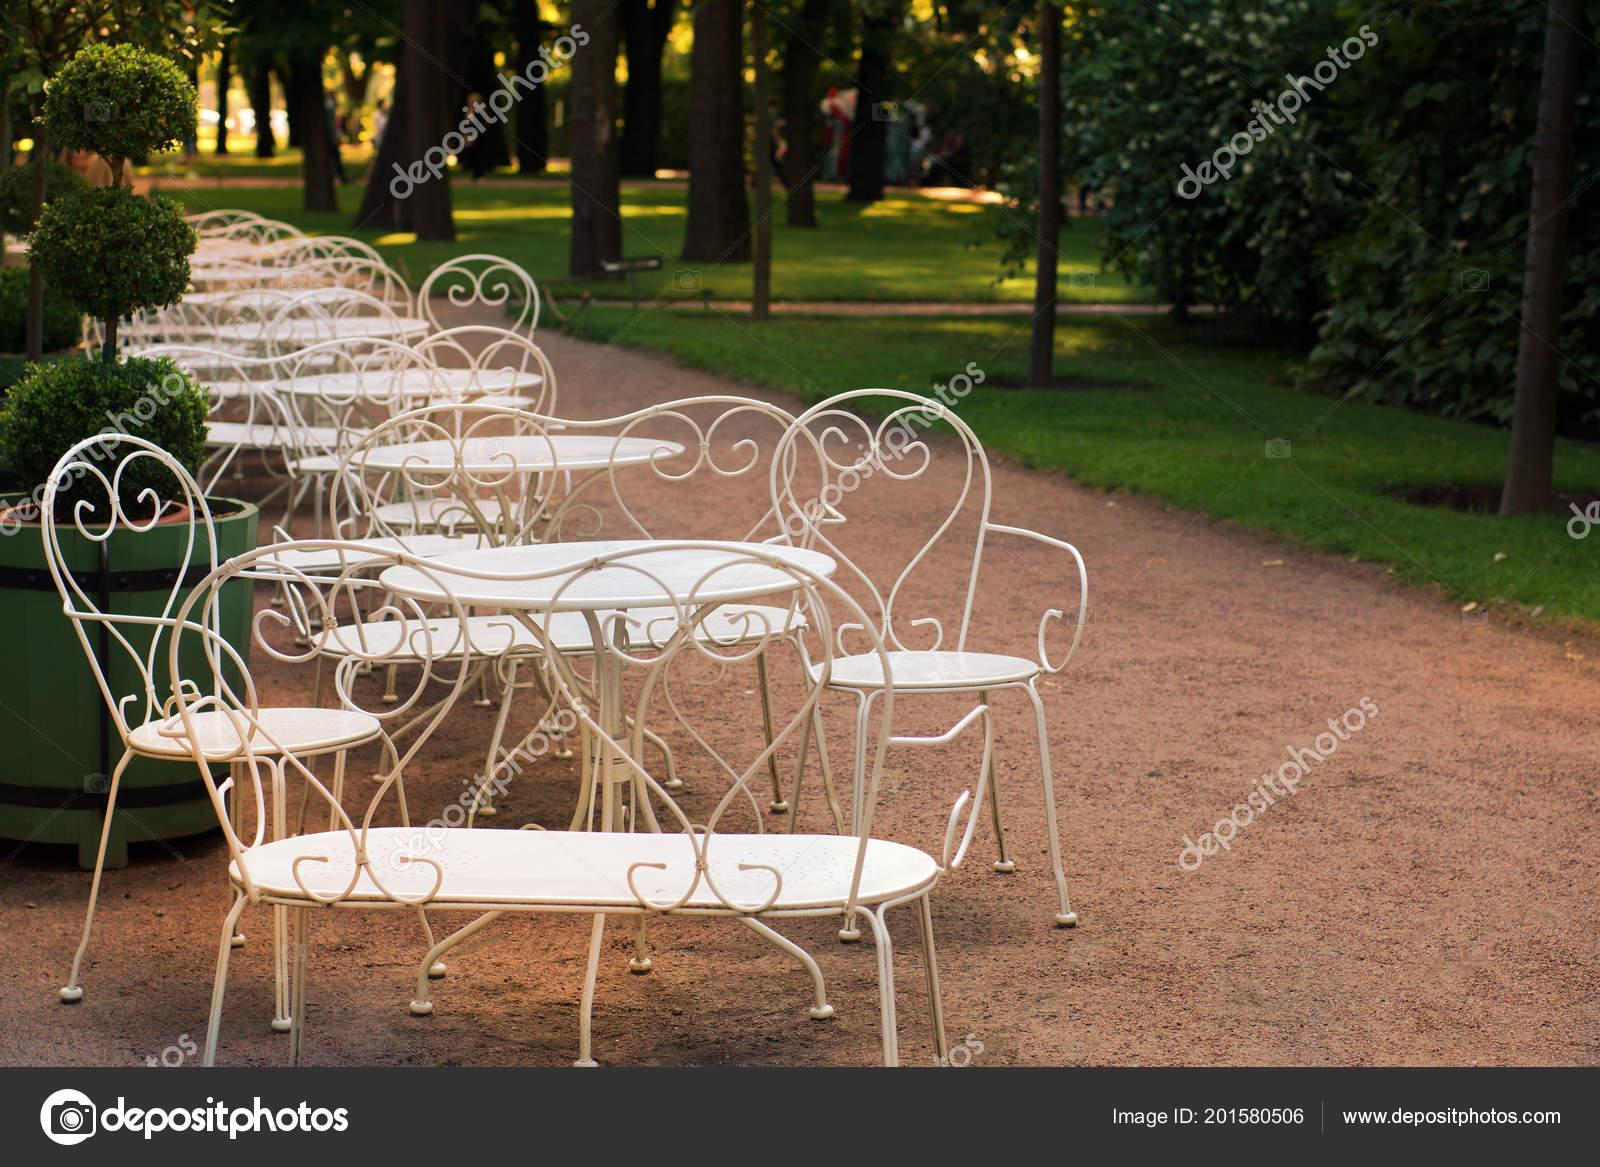 Elegante bianchi tavoli sedie giardino una serata estiva vuoto